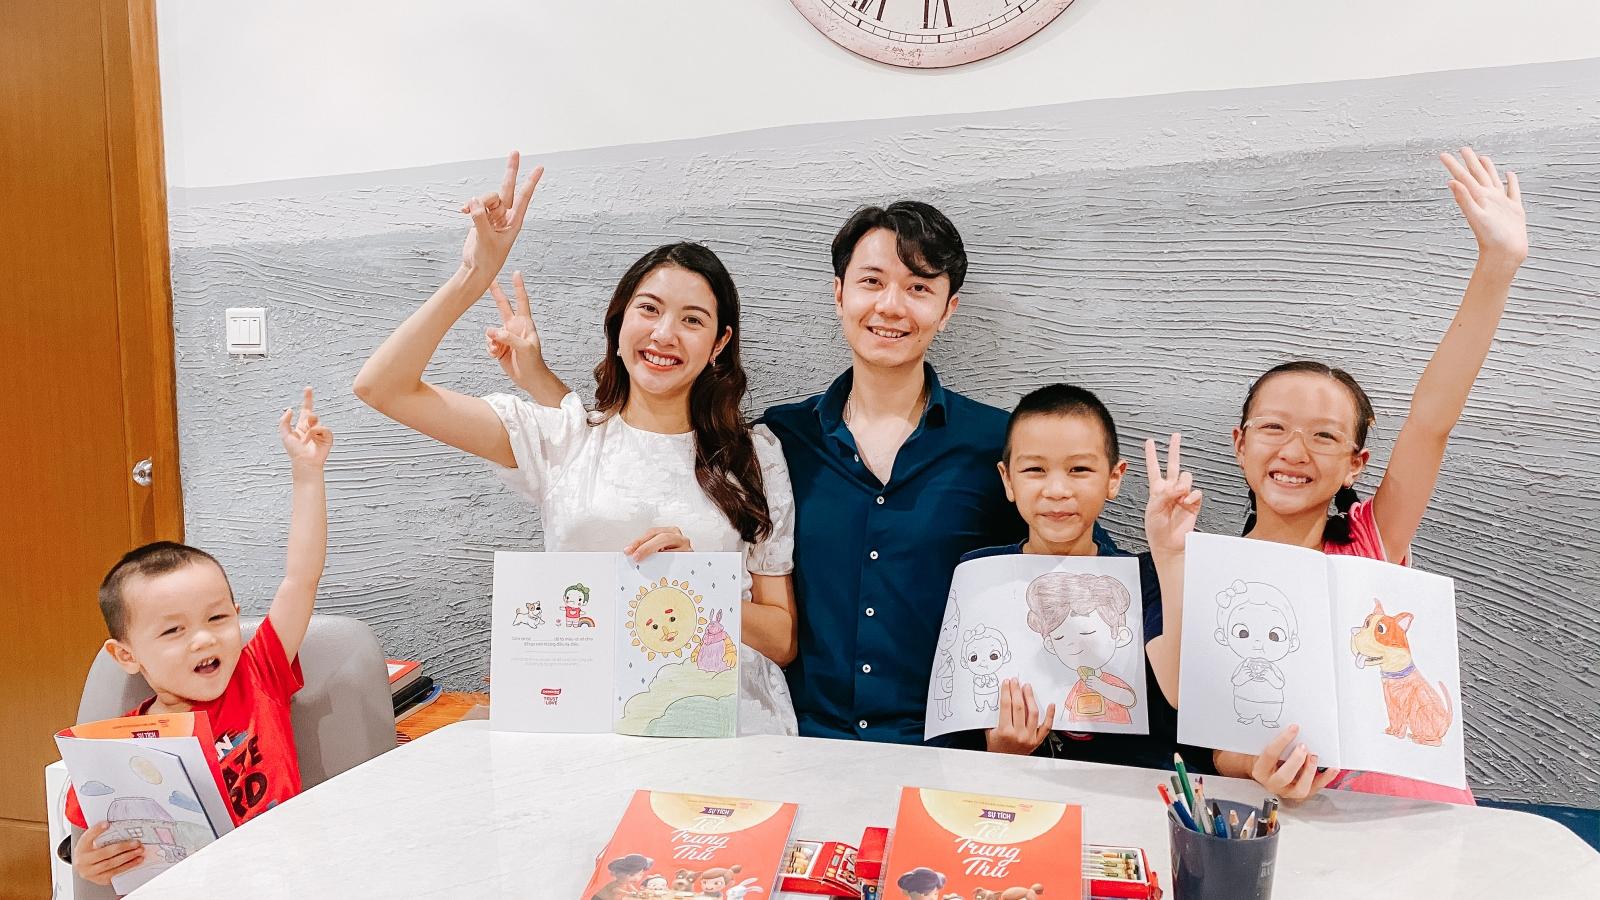 Á hậu Thuý Vân vẫn làm việc ở những tháng cuối thai kỳ